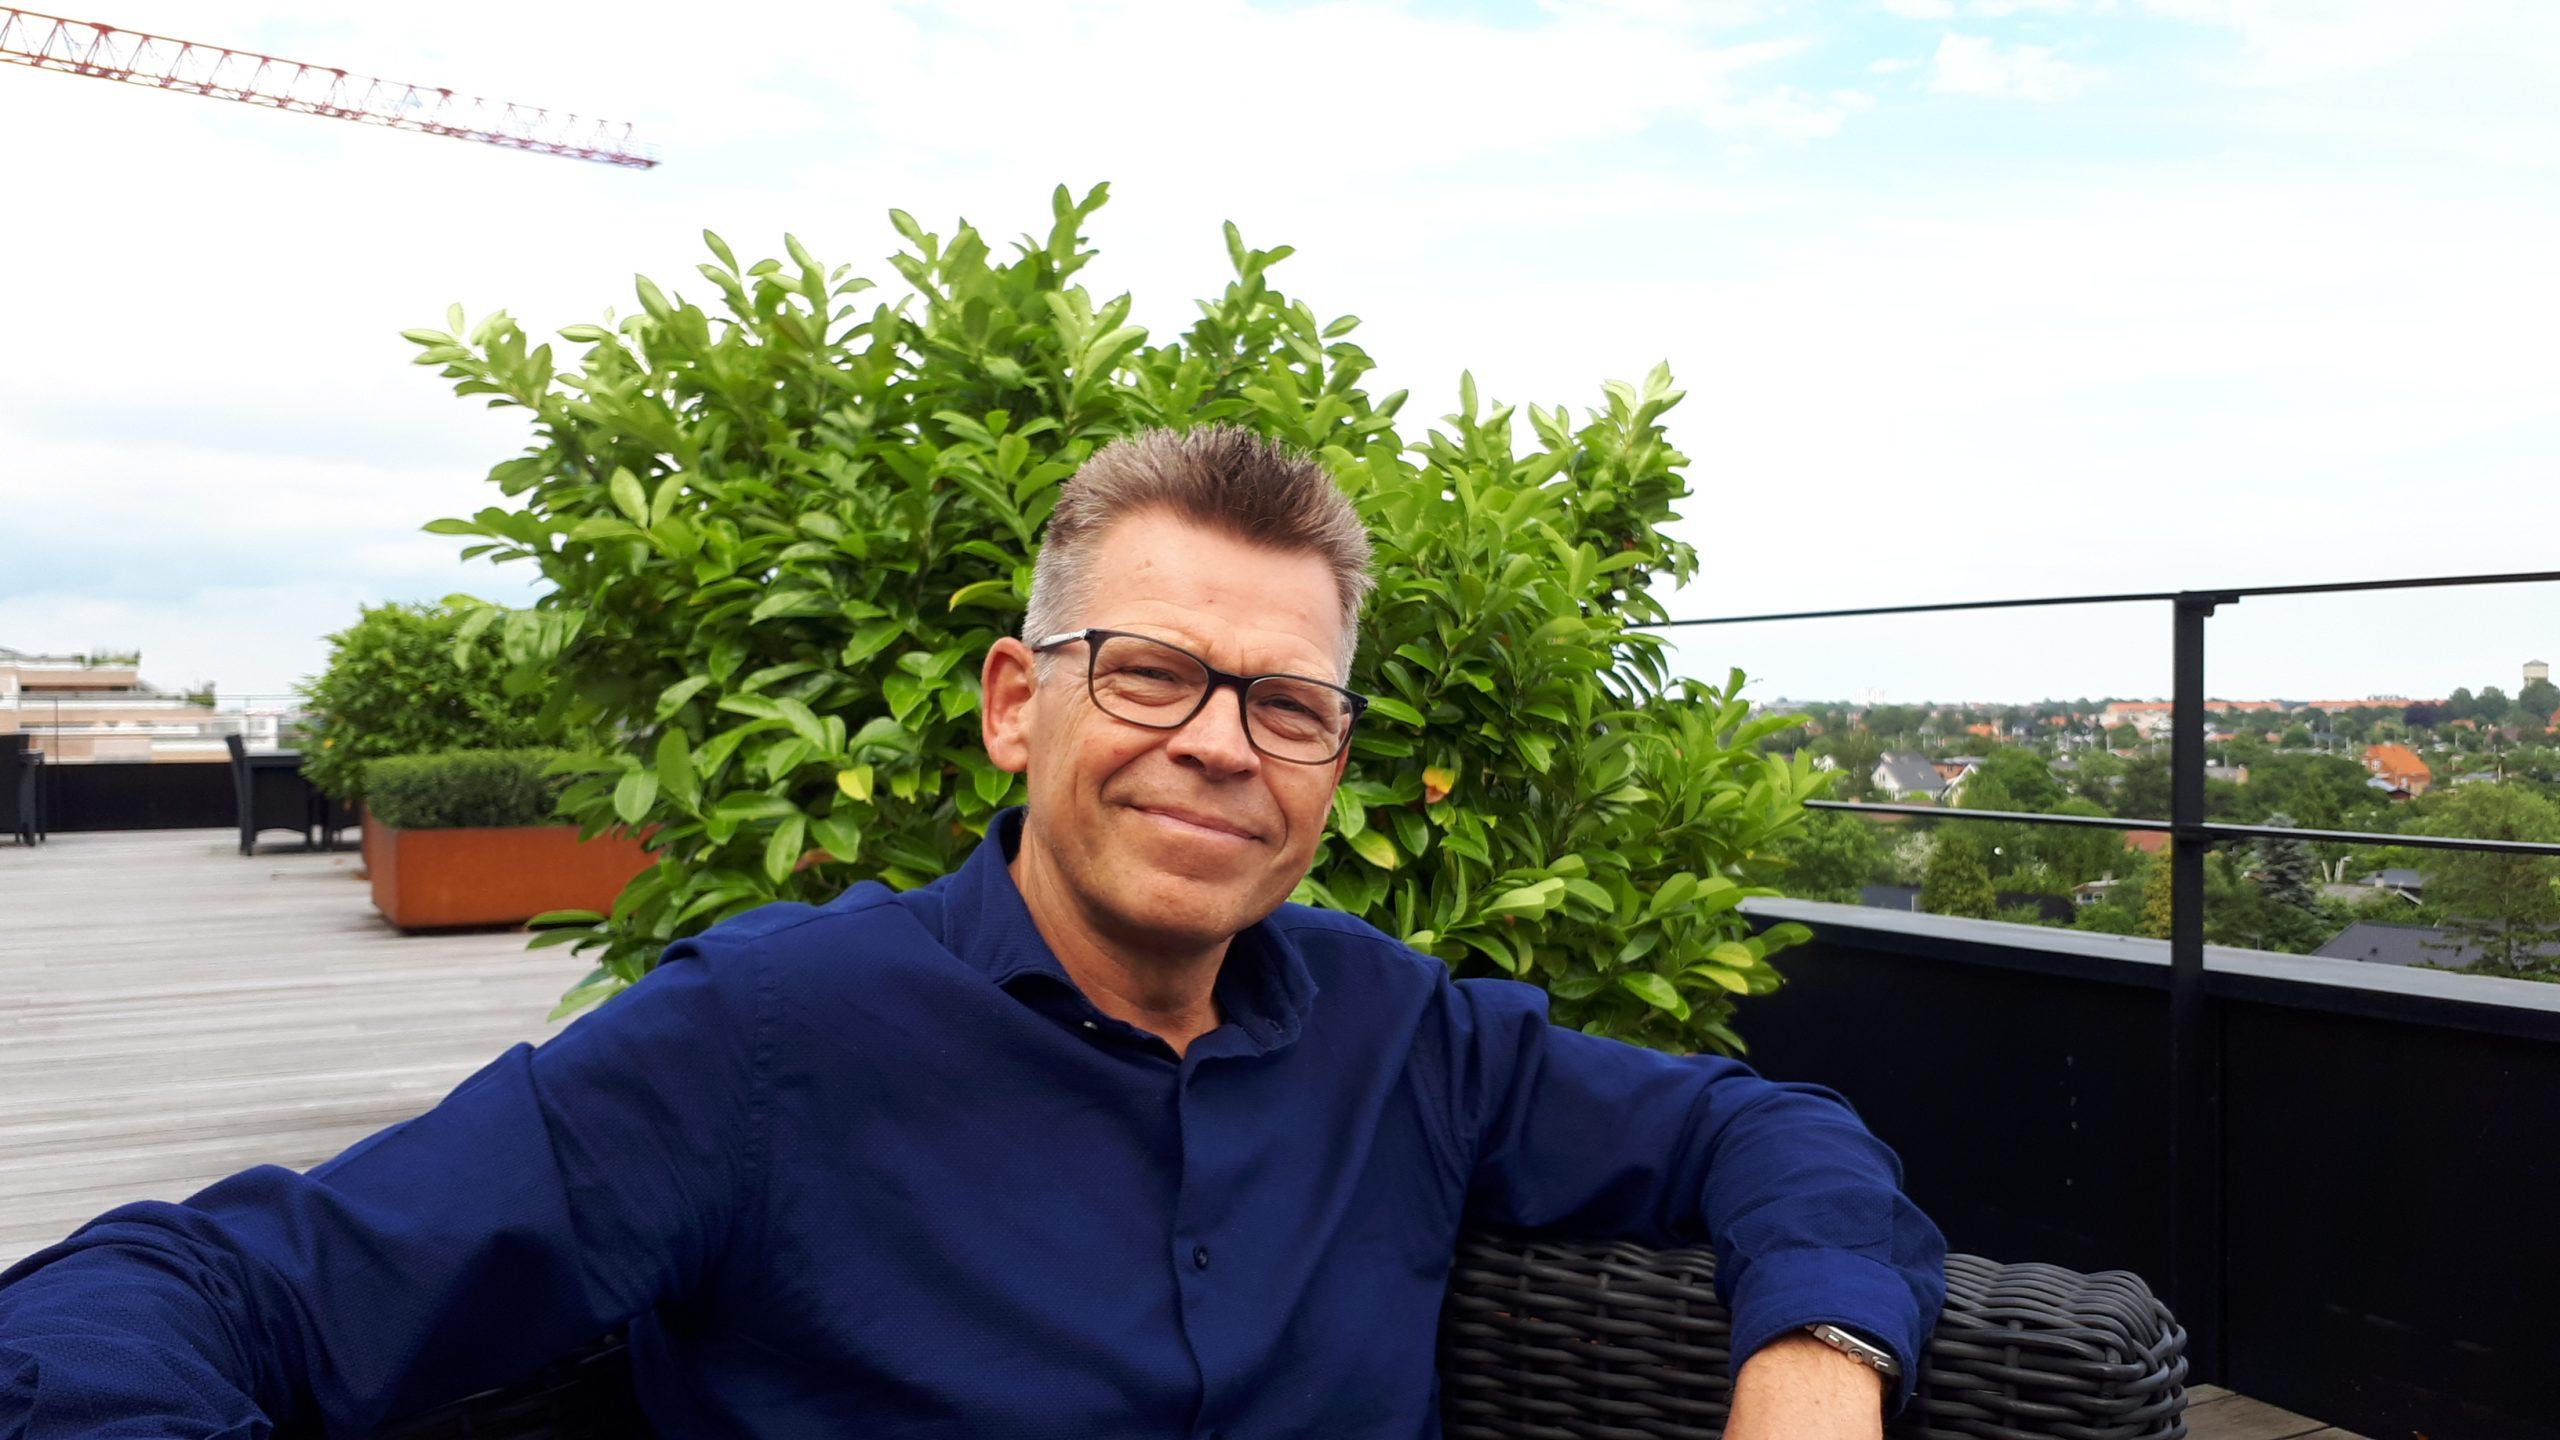 Jan Vendelbo, der til daglig er administrerende direktør for Danmarks største leisurebureau, Spies, samt formand for Rejsearrangører i Danmark – charterselskabernes brancheforening. Arkivfoto: Henrik Baumgarten.